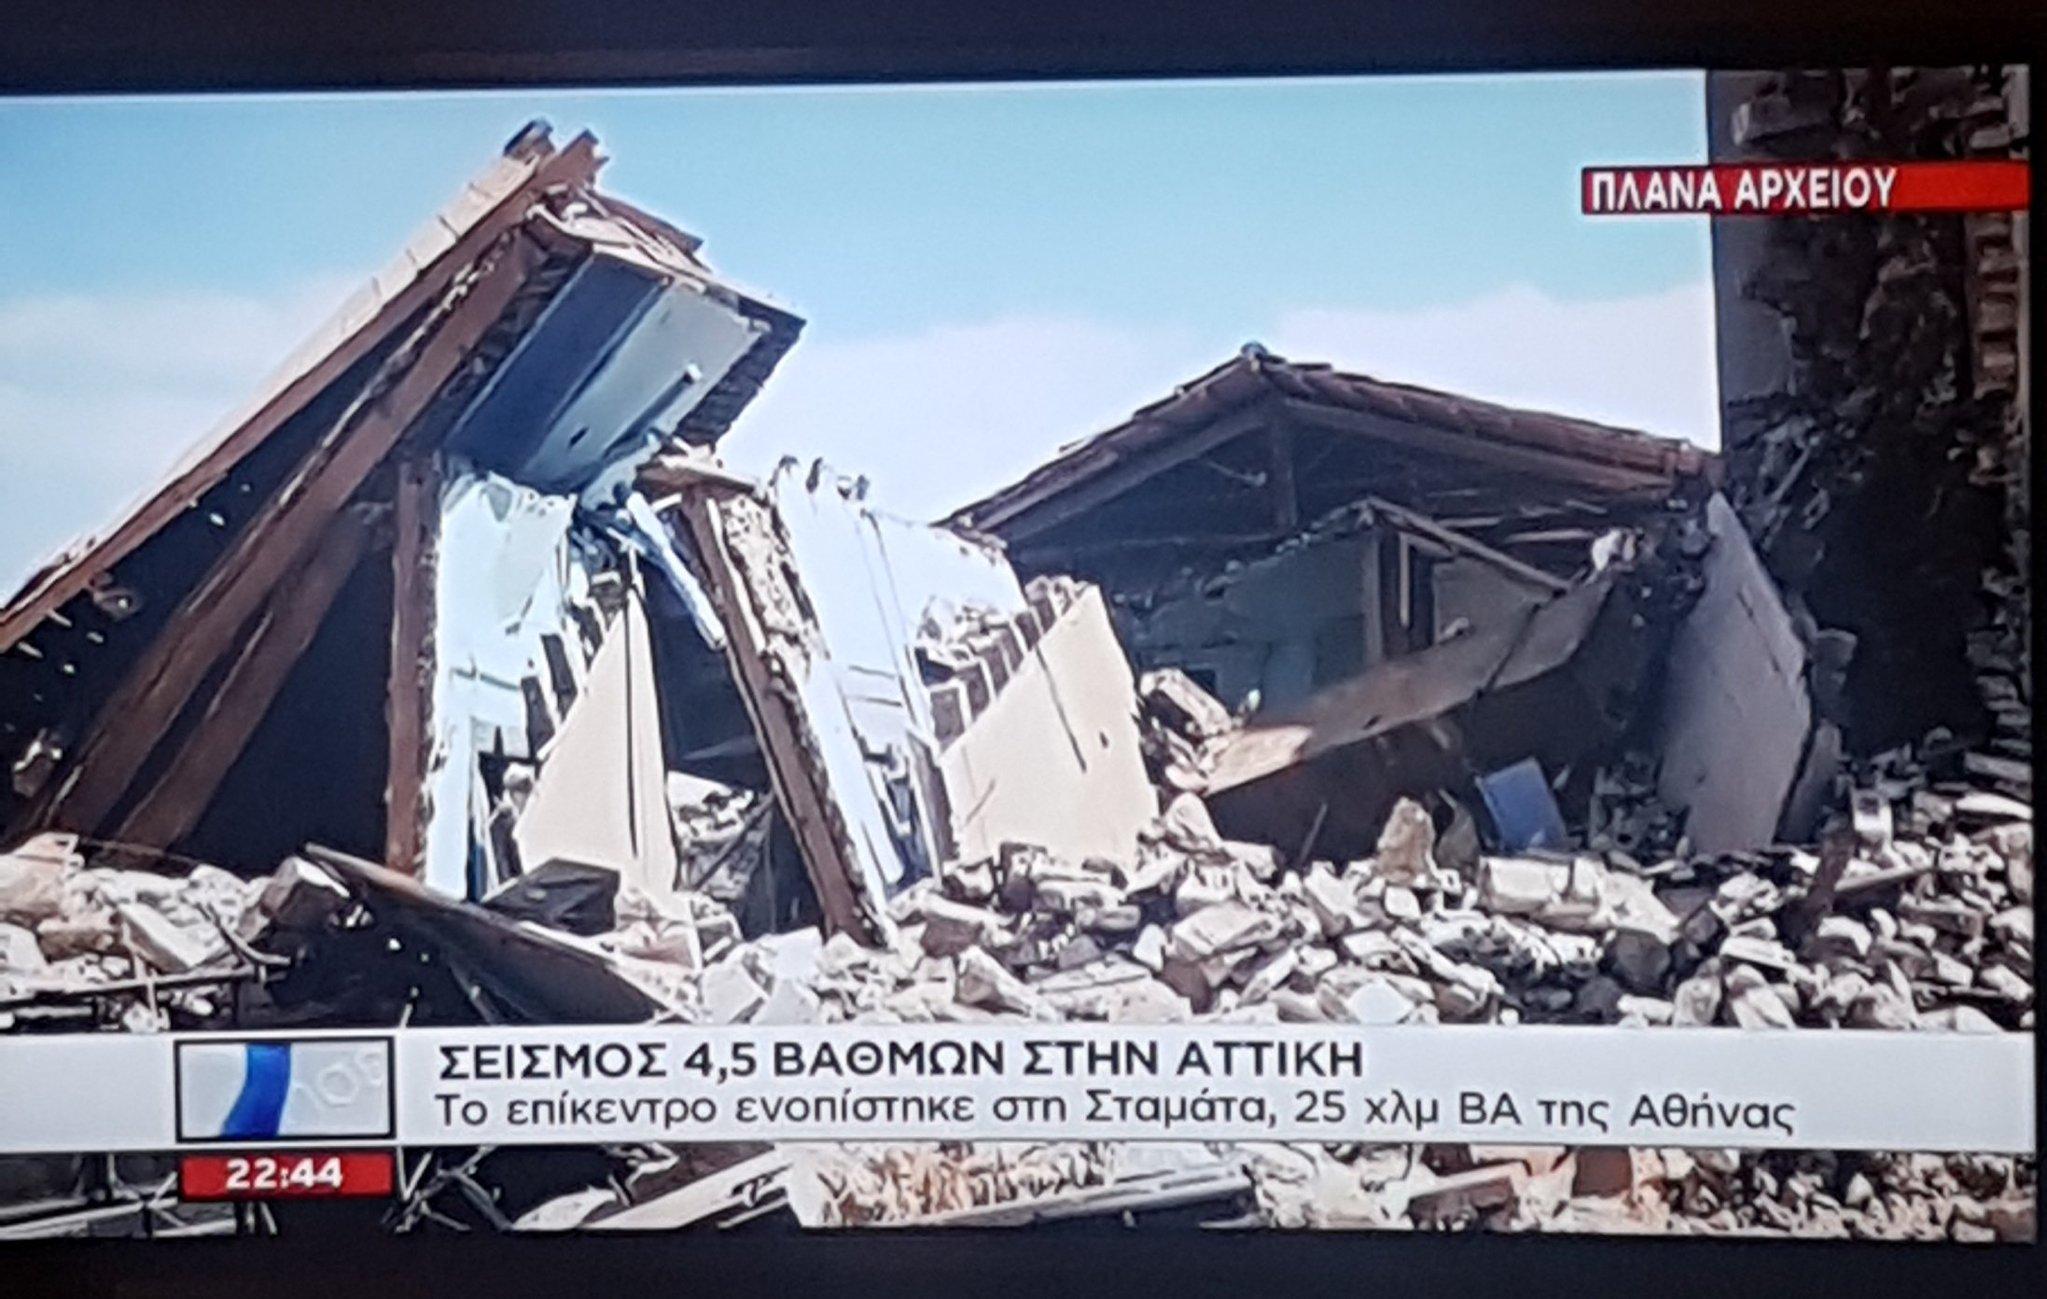 Συγχώρεση ζητά ο ΣΚΑΪ για το χτεσινό δράμα που παρουσίασε για το σεισμό